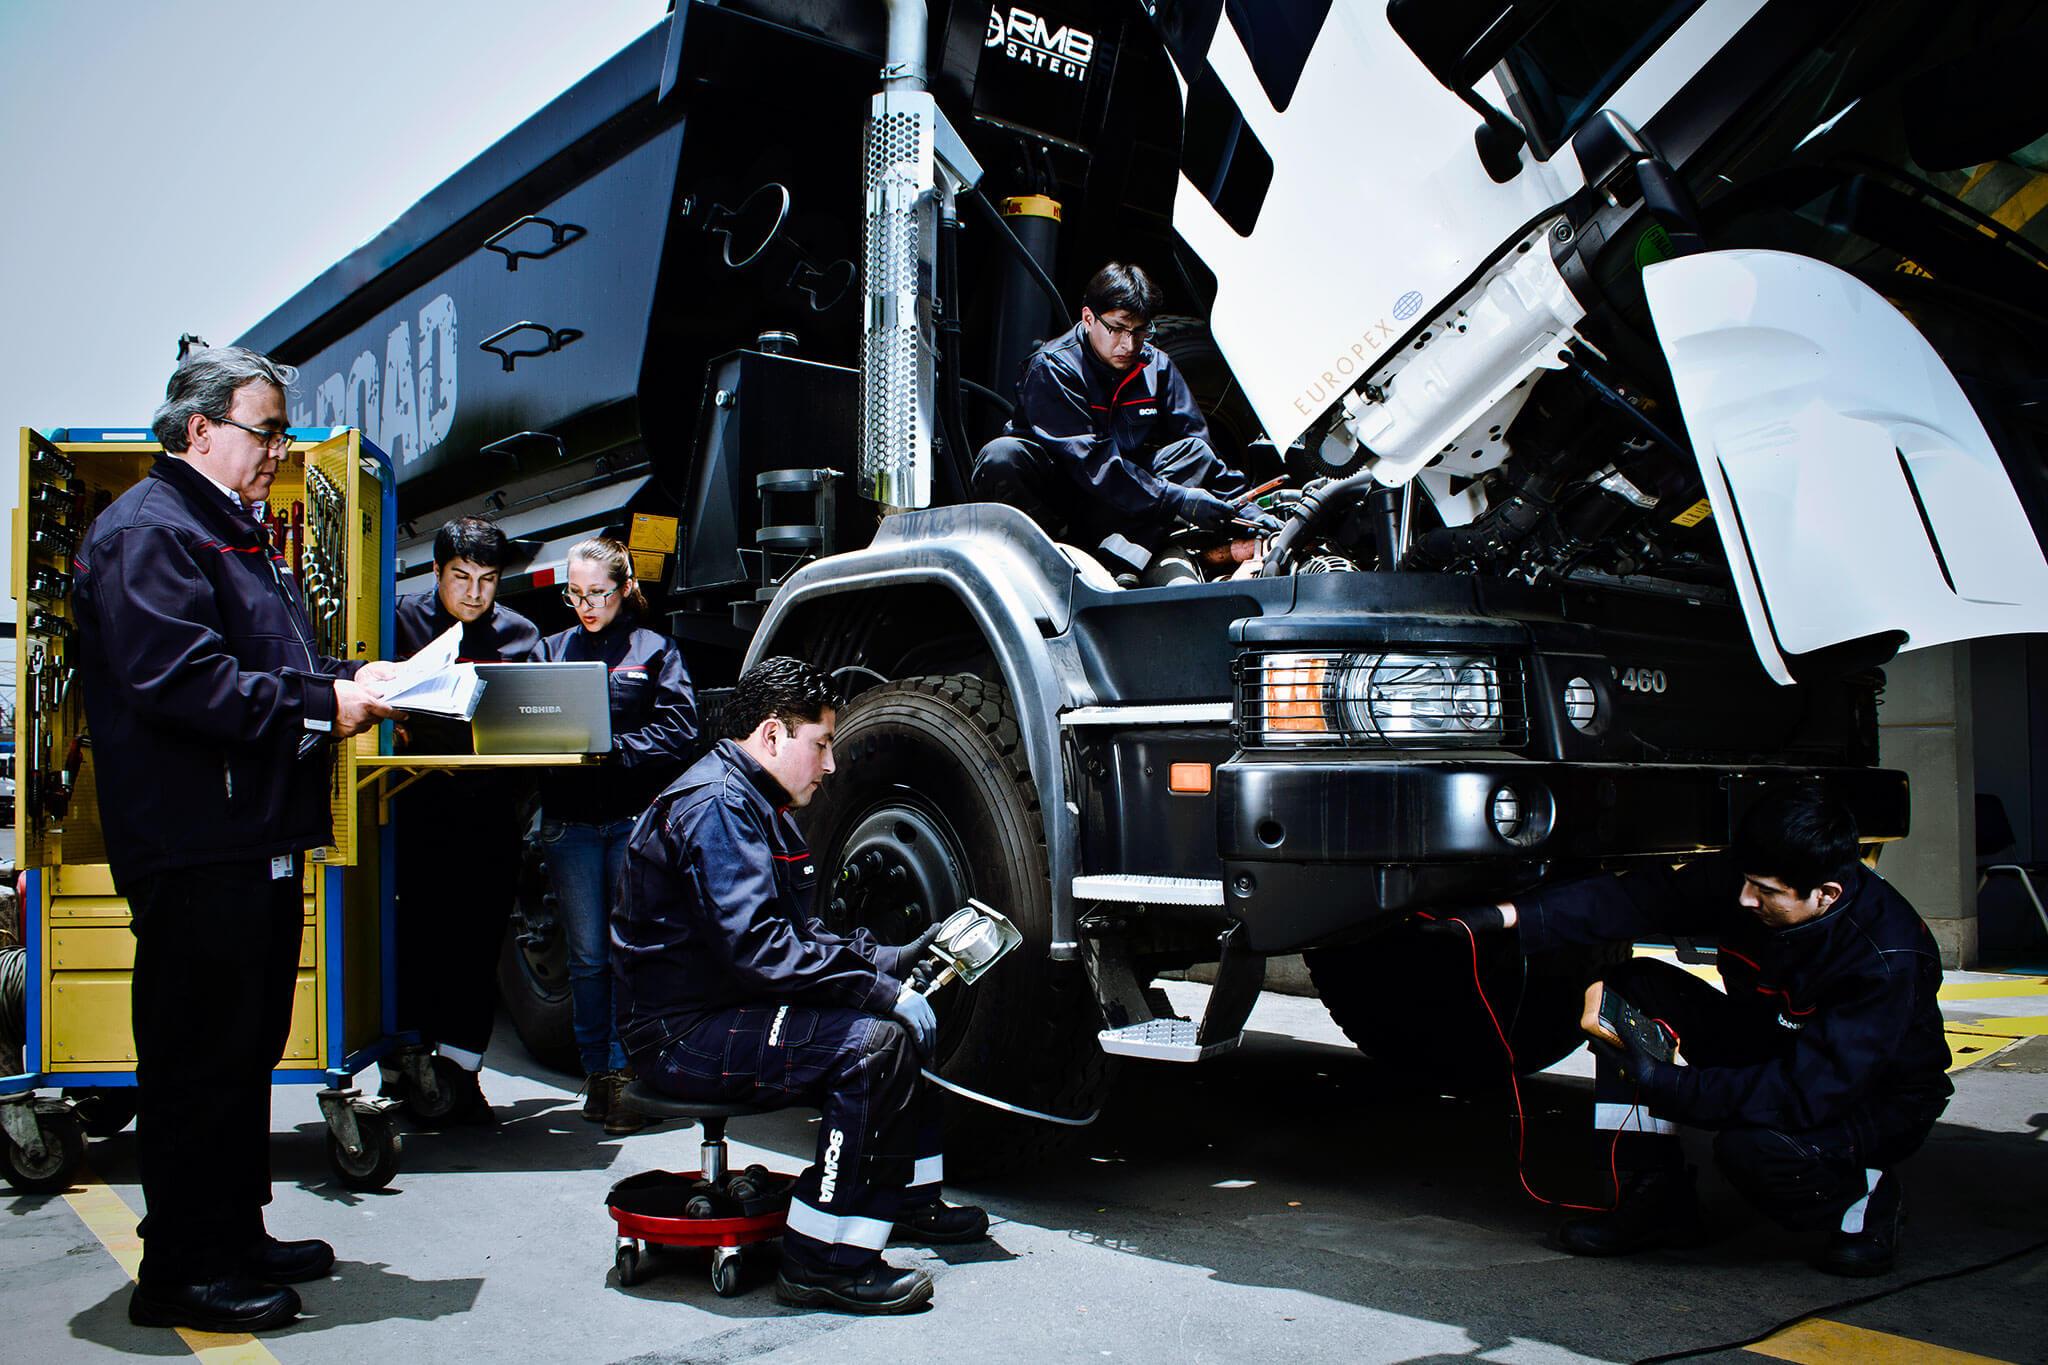 truck mobile mechanic repairs